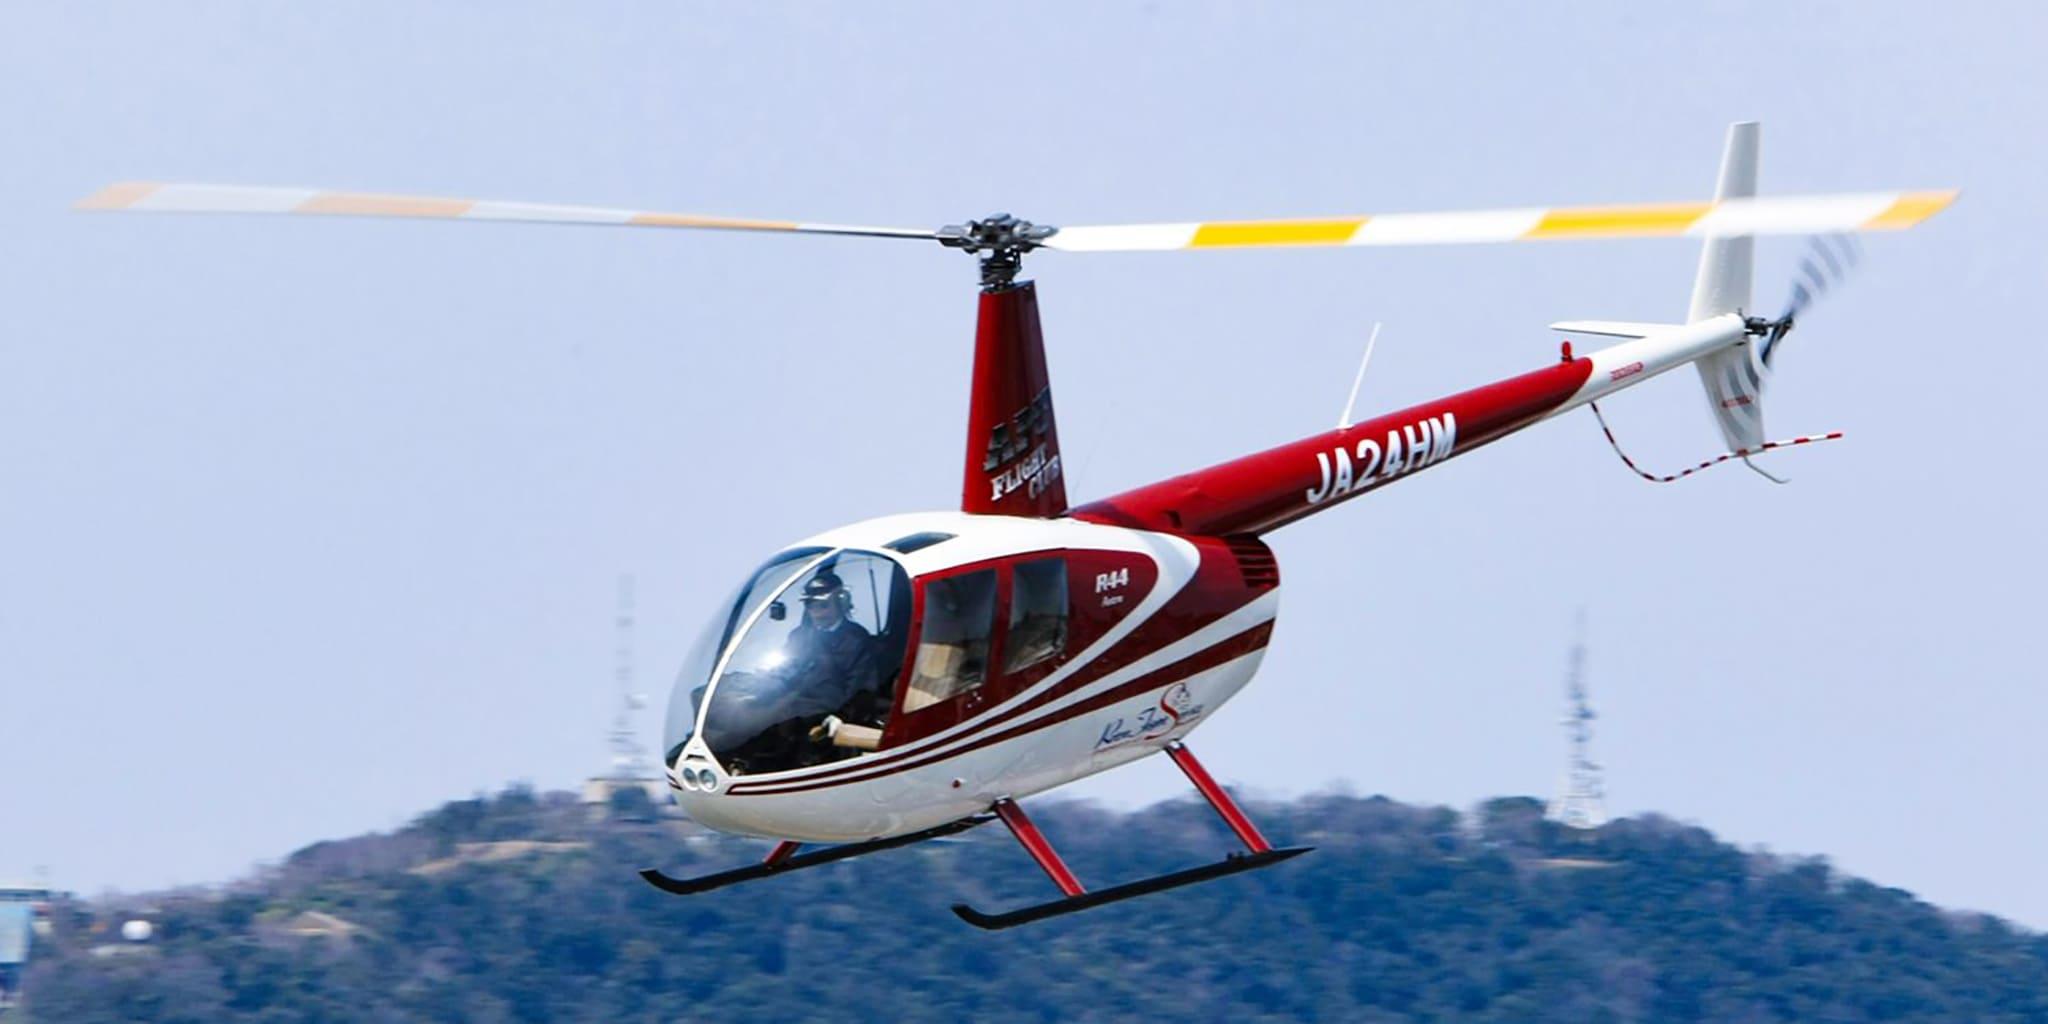 京都ヘリポート上空を飛ぶヘリコプター